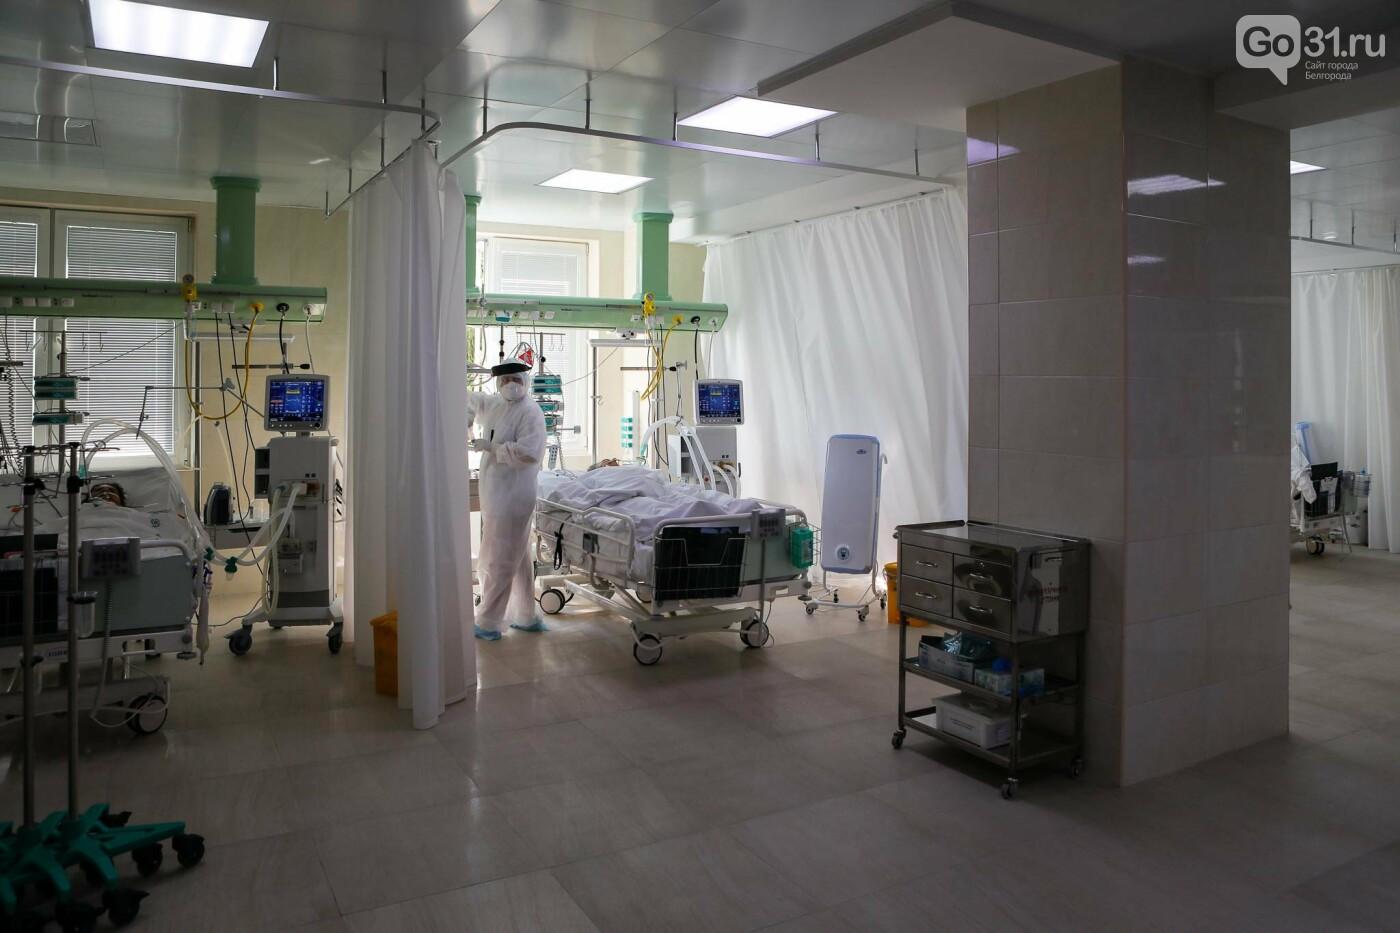 Что происходит в ковид-госпитале Белгорода. Фоторепортаж из «красной» зоны, фото-23, Фото: Антон Вергун